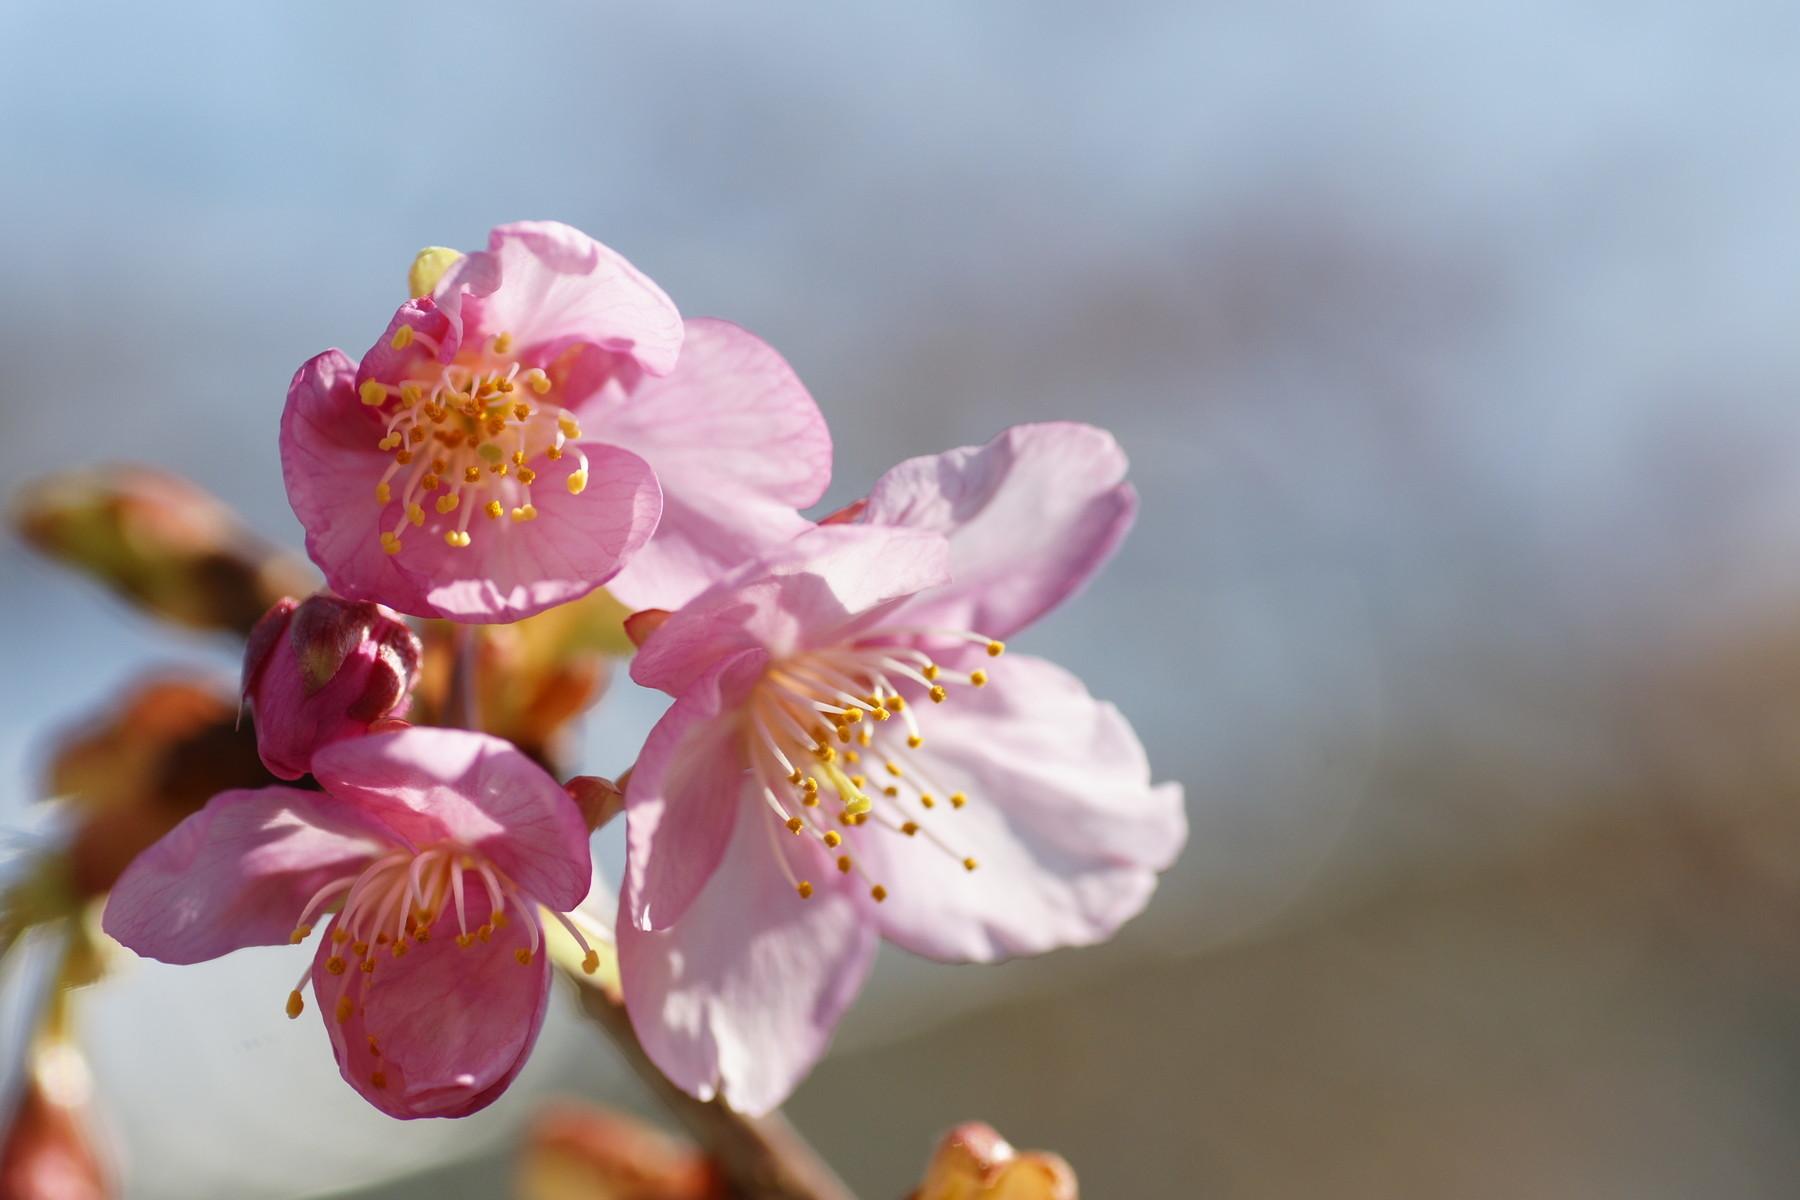 古いカメラとレンズで桜と梅を撮る_f0381792_11213002.jpg